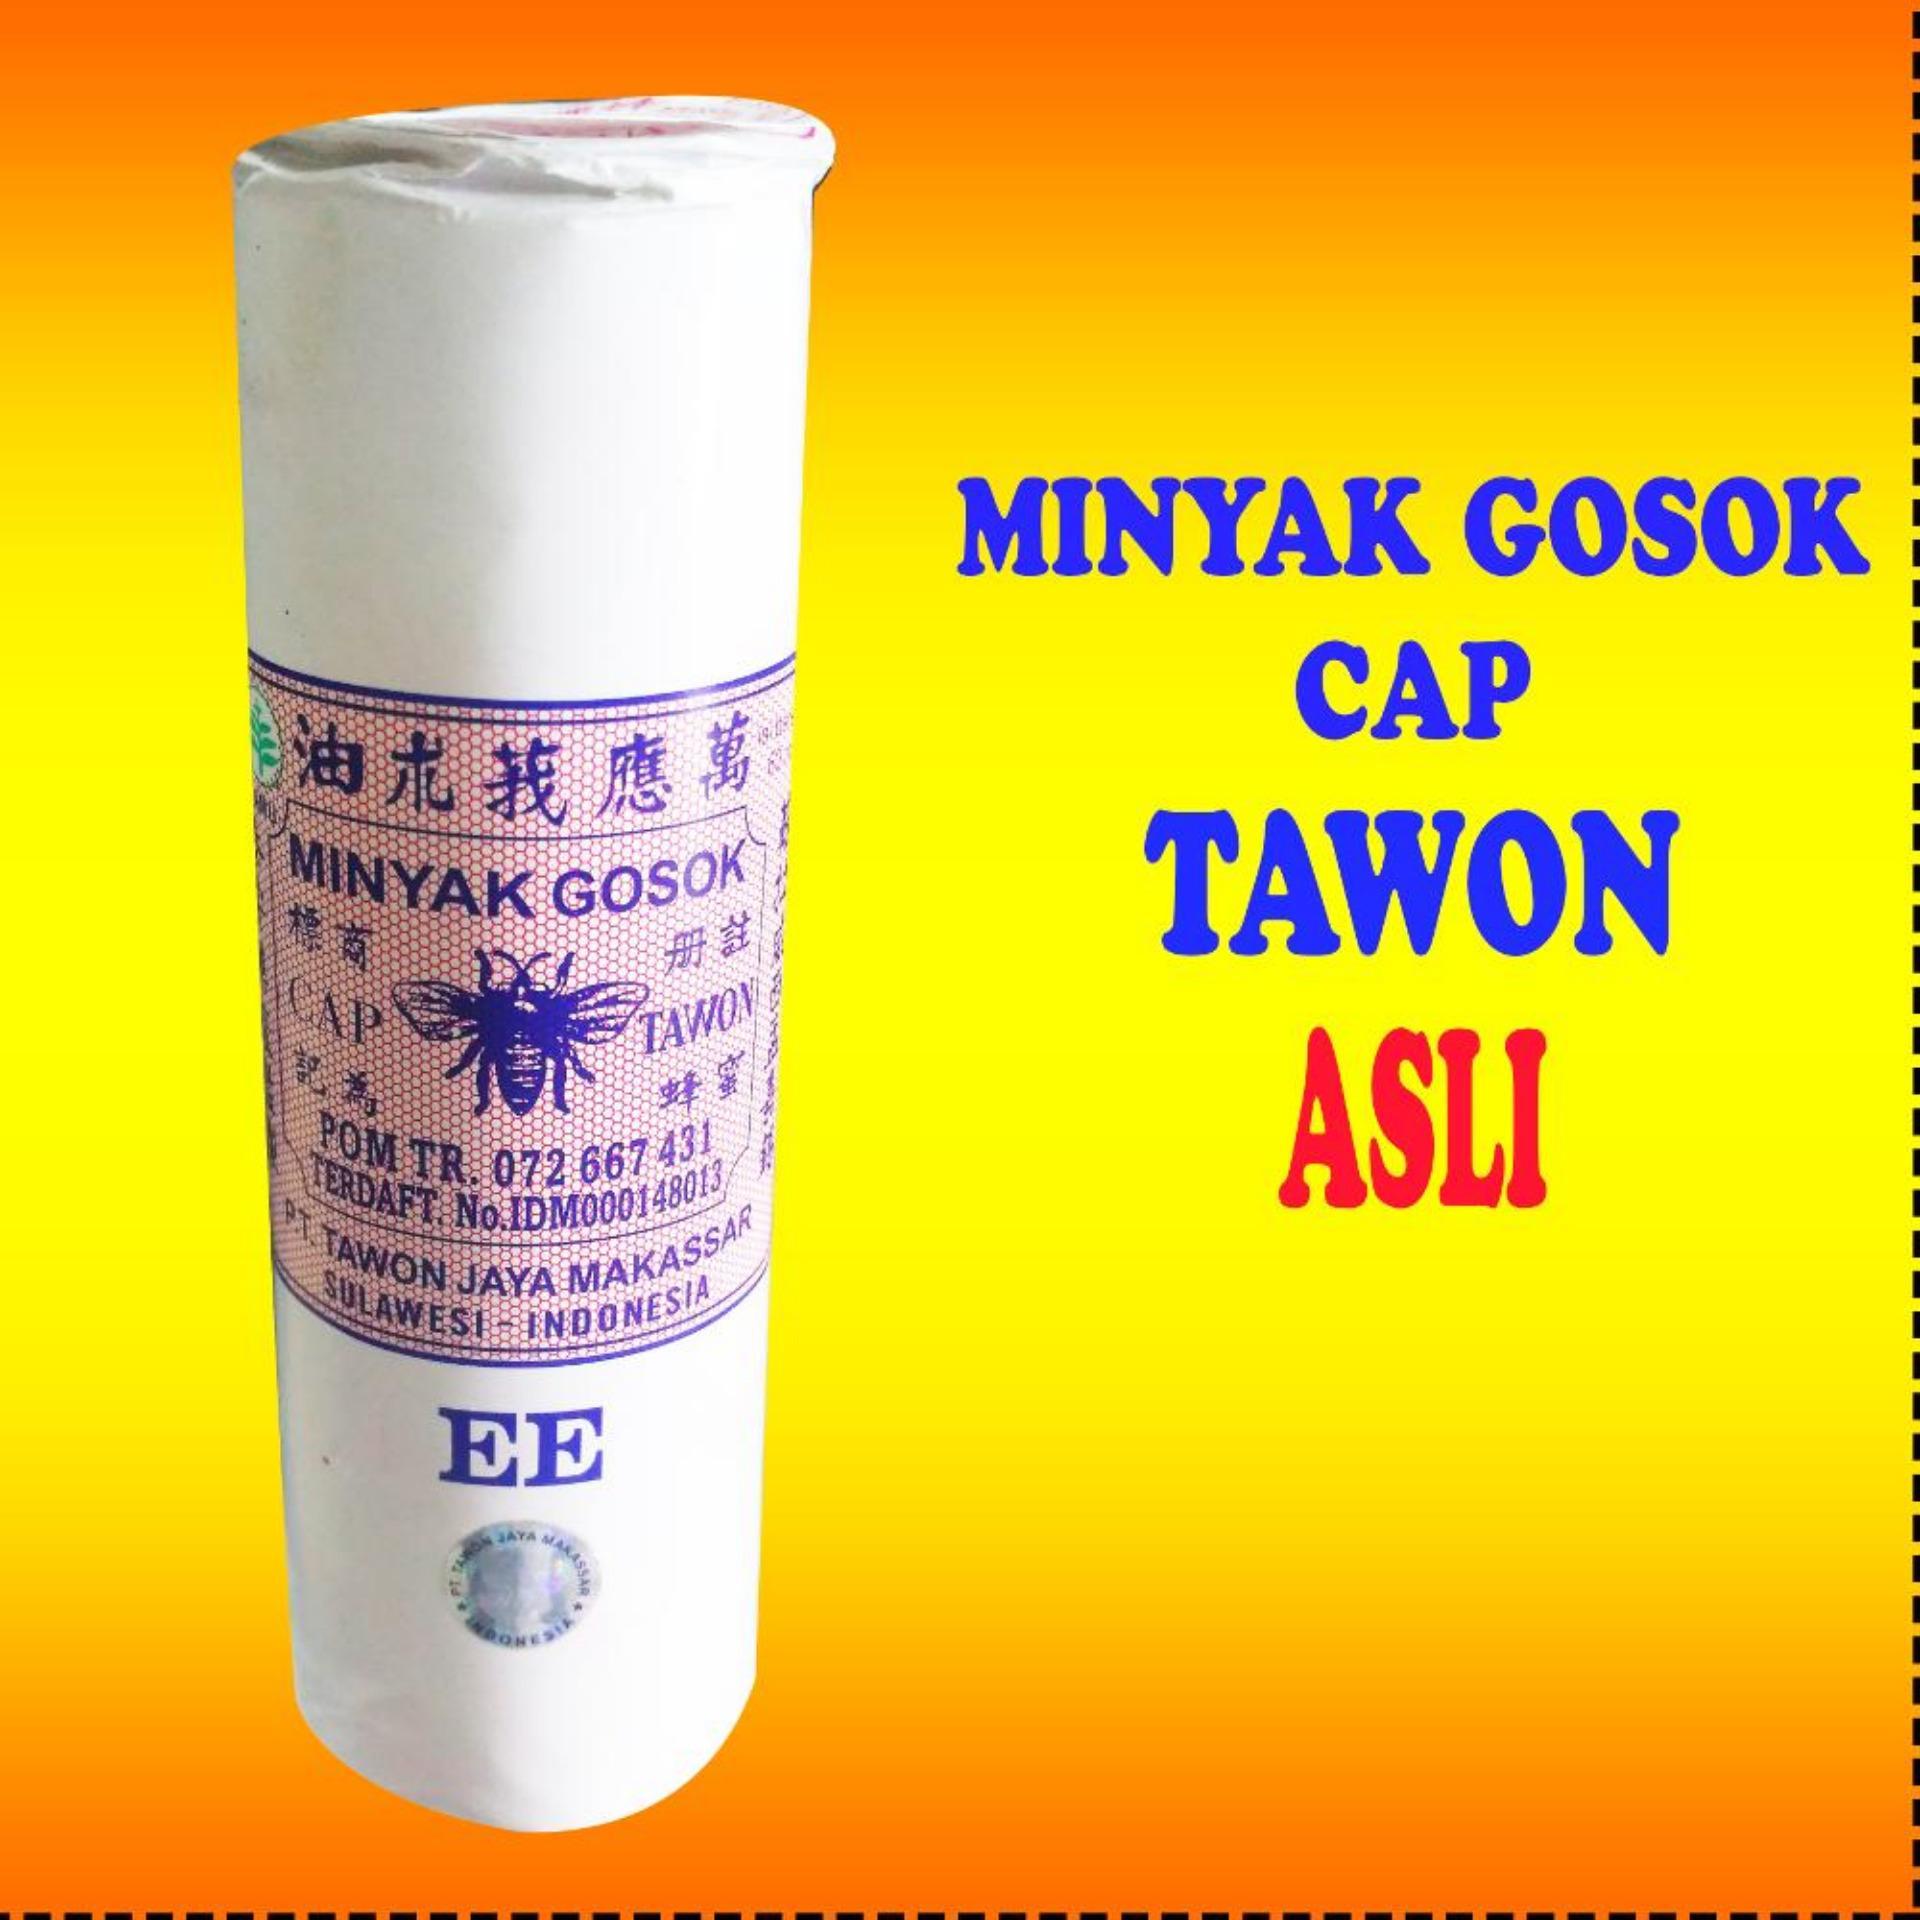 Minyak Gosok Cap Tawon ASLI MAKASSAR EE - 95ML